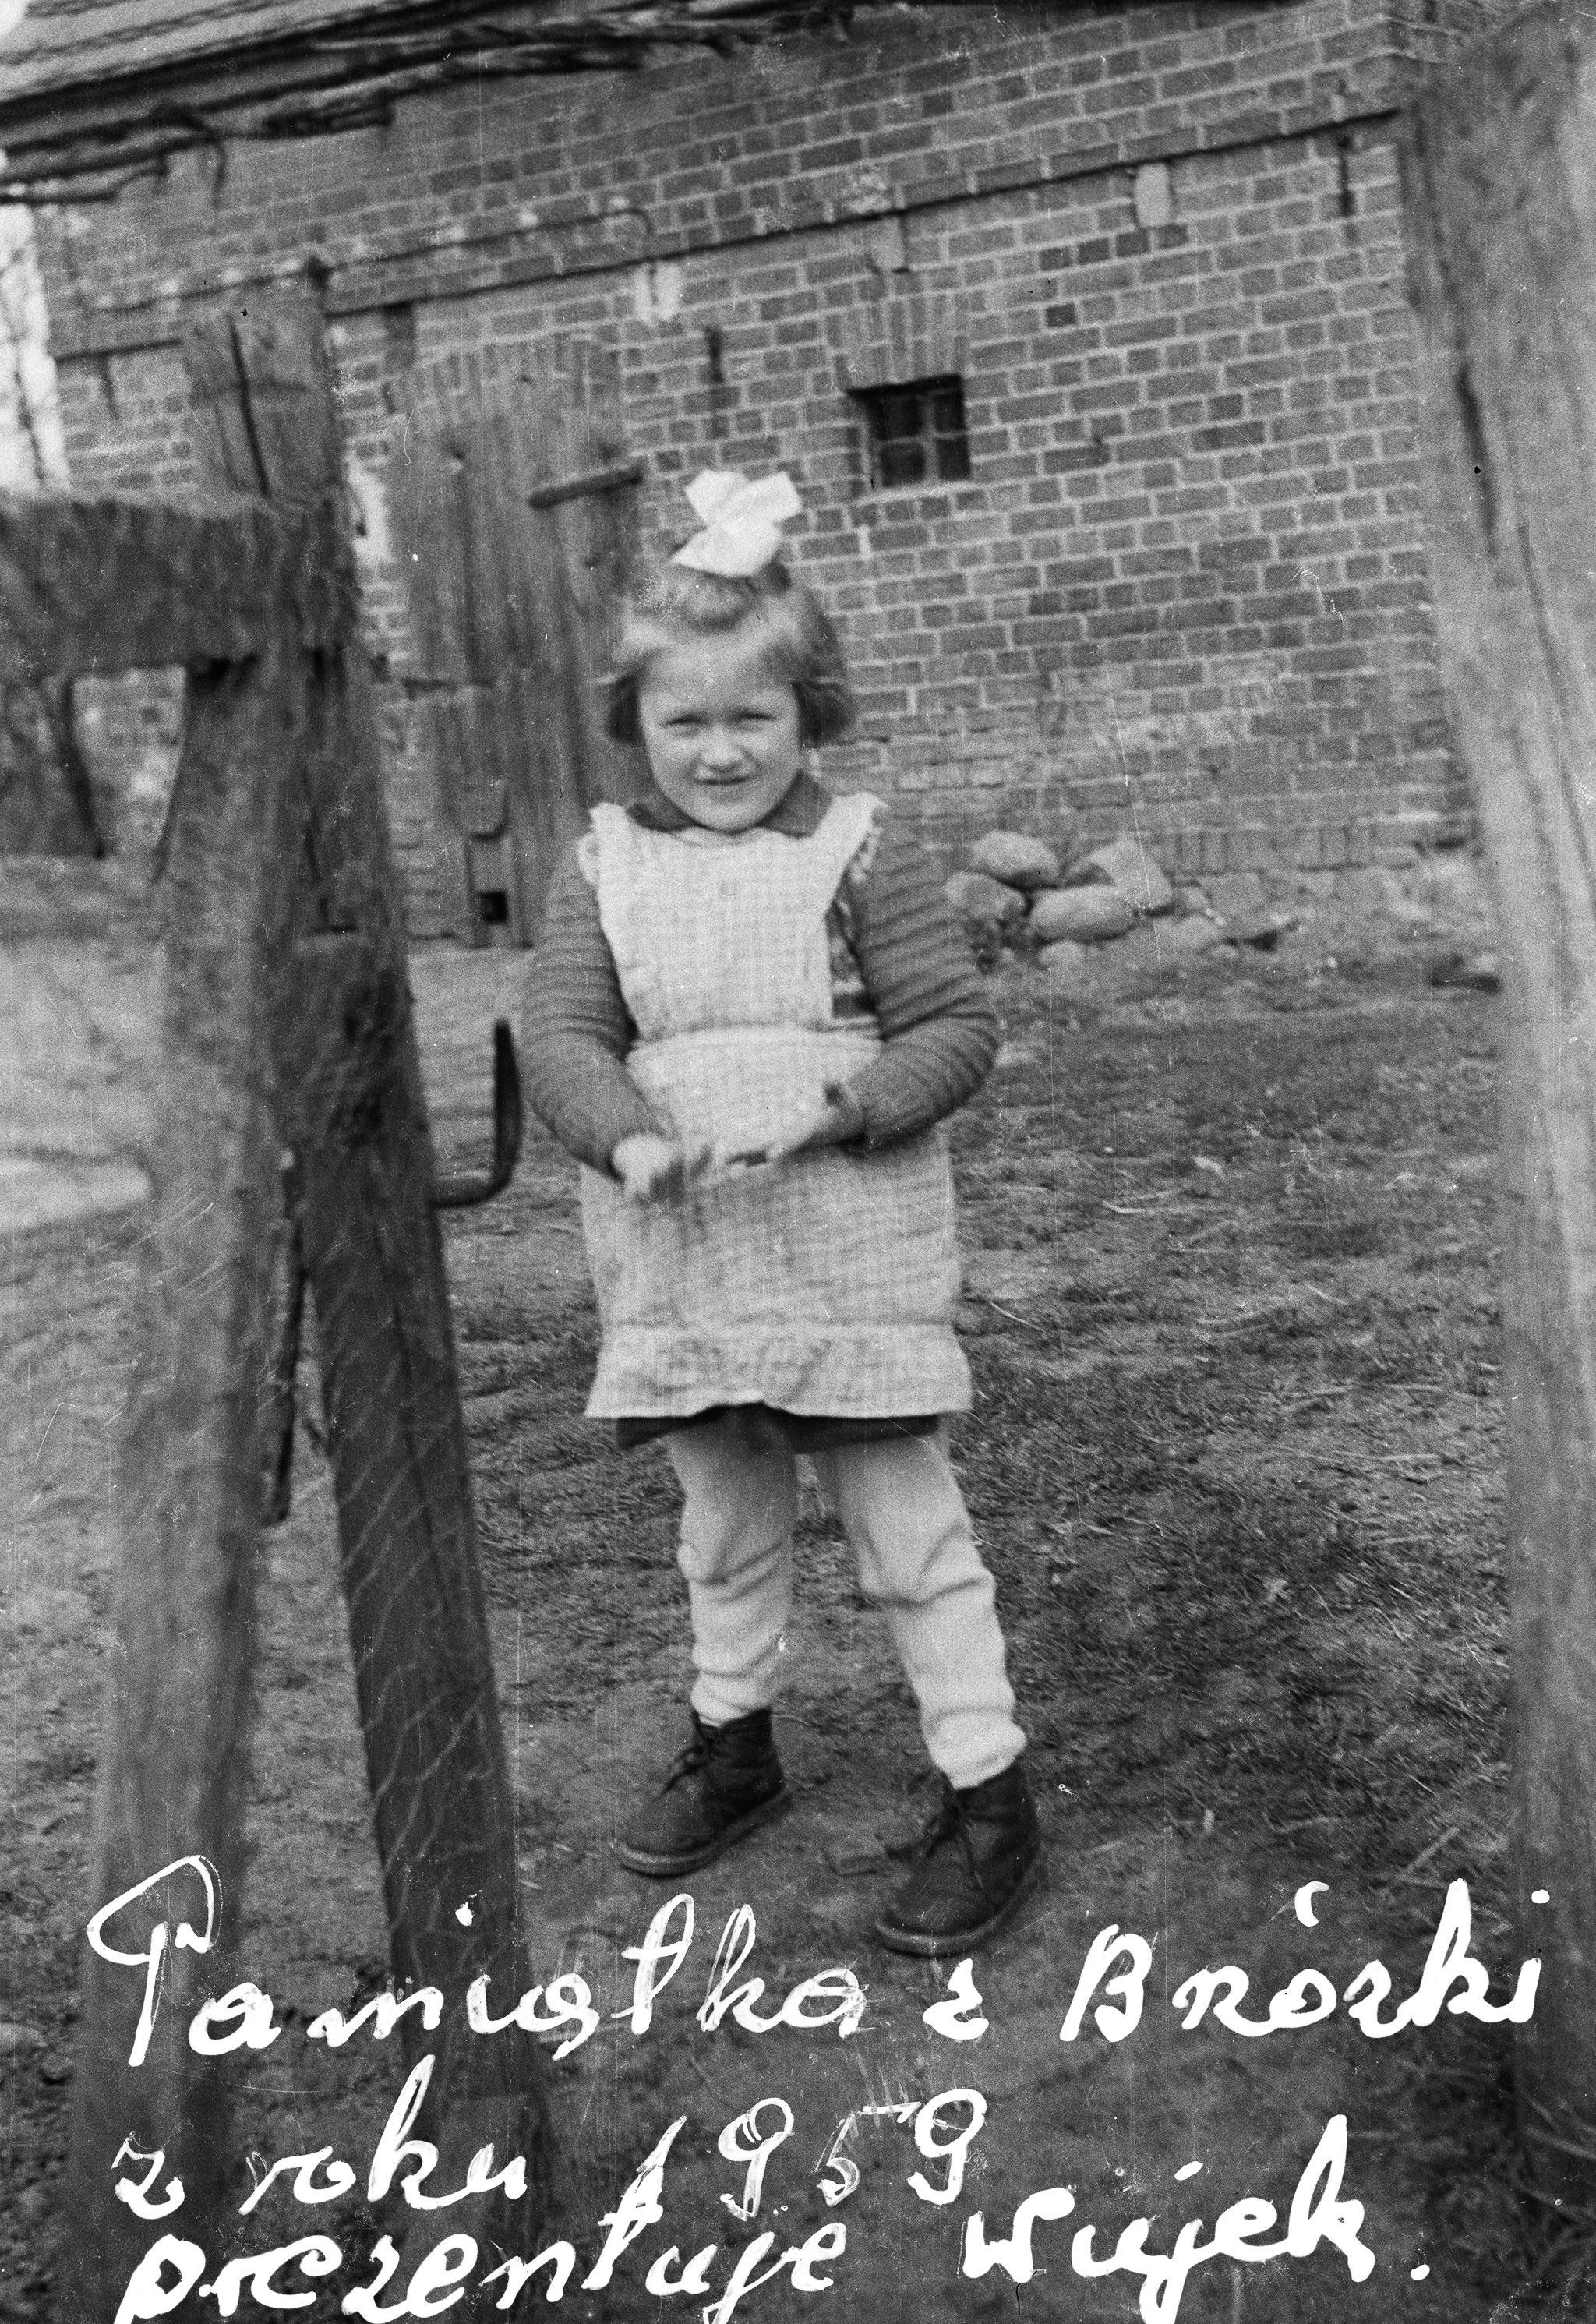 Dziewczynka na podwórku, Brzózka, Dolny Śląsk, 1959 r.